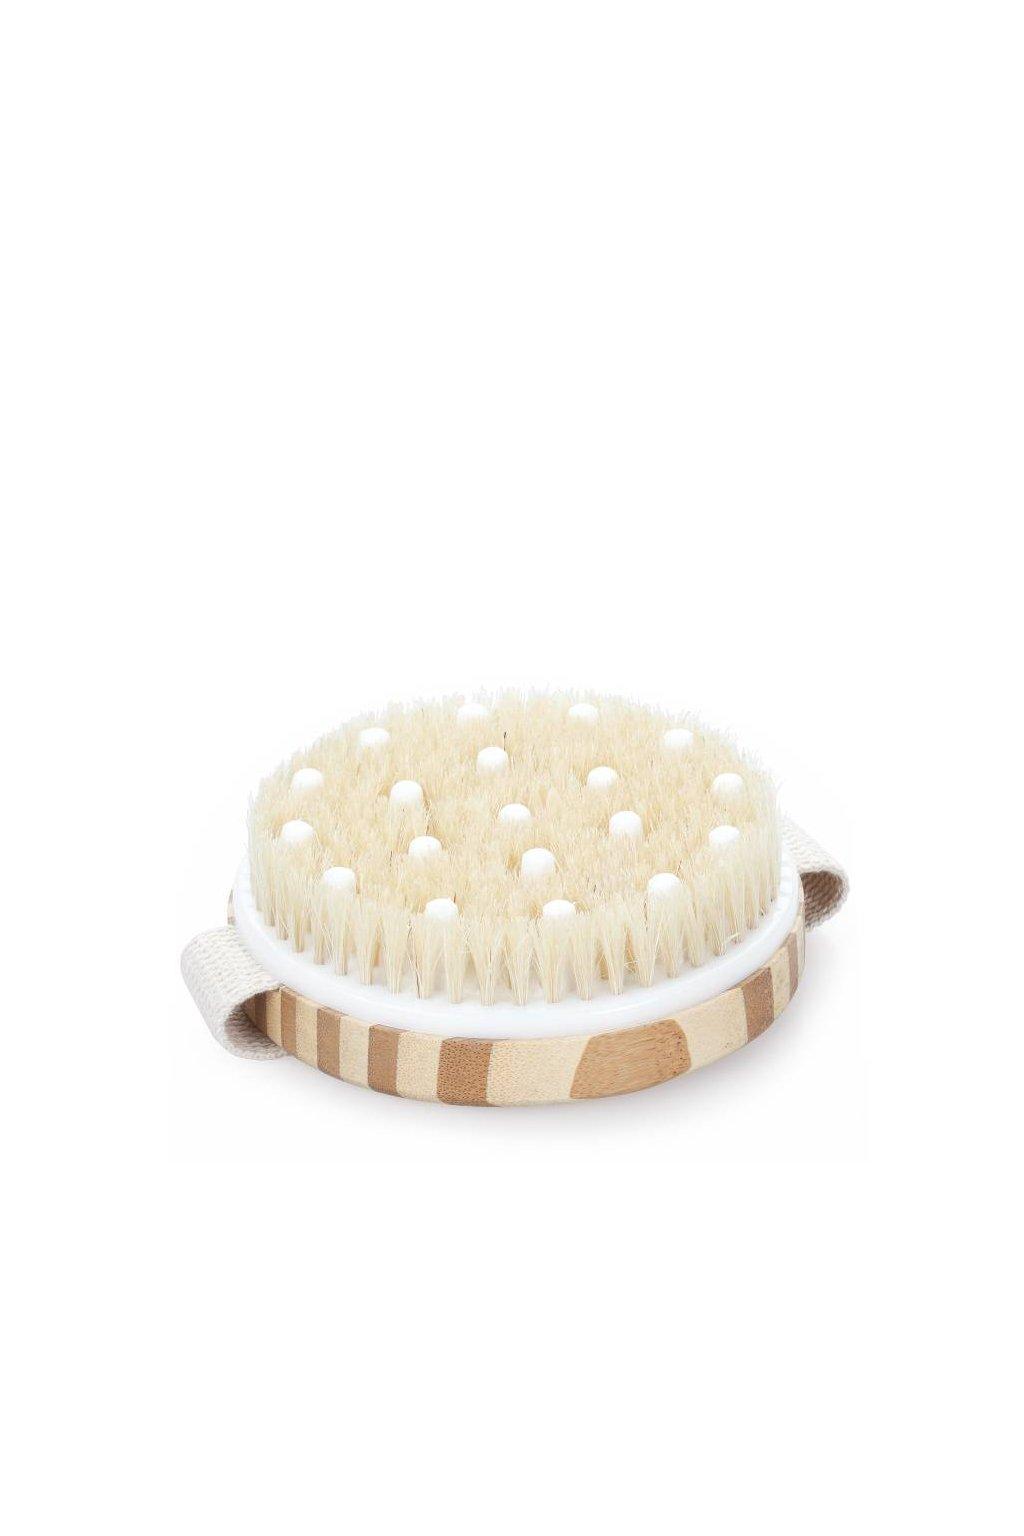 Spa beauty Masážní kartáč do ruky kulatý dřevěný, štětiny a masážní trny, pro suché i mokré kartáčování